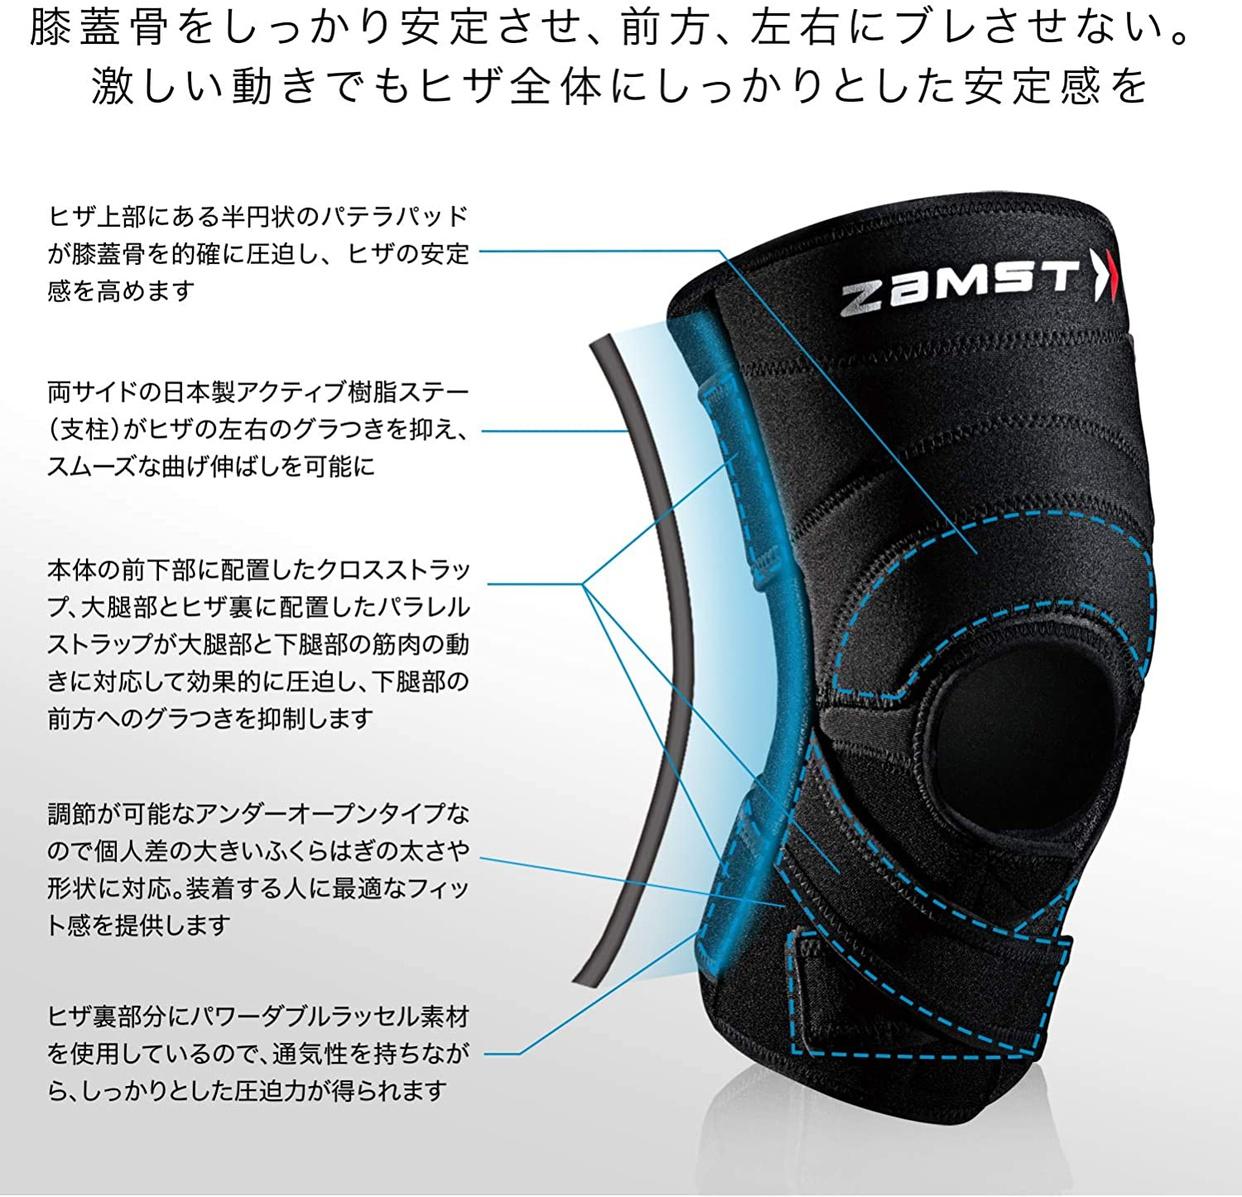 ZAMST(ザムスト) ヒザ用サポーター ZK-7の商品画像3